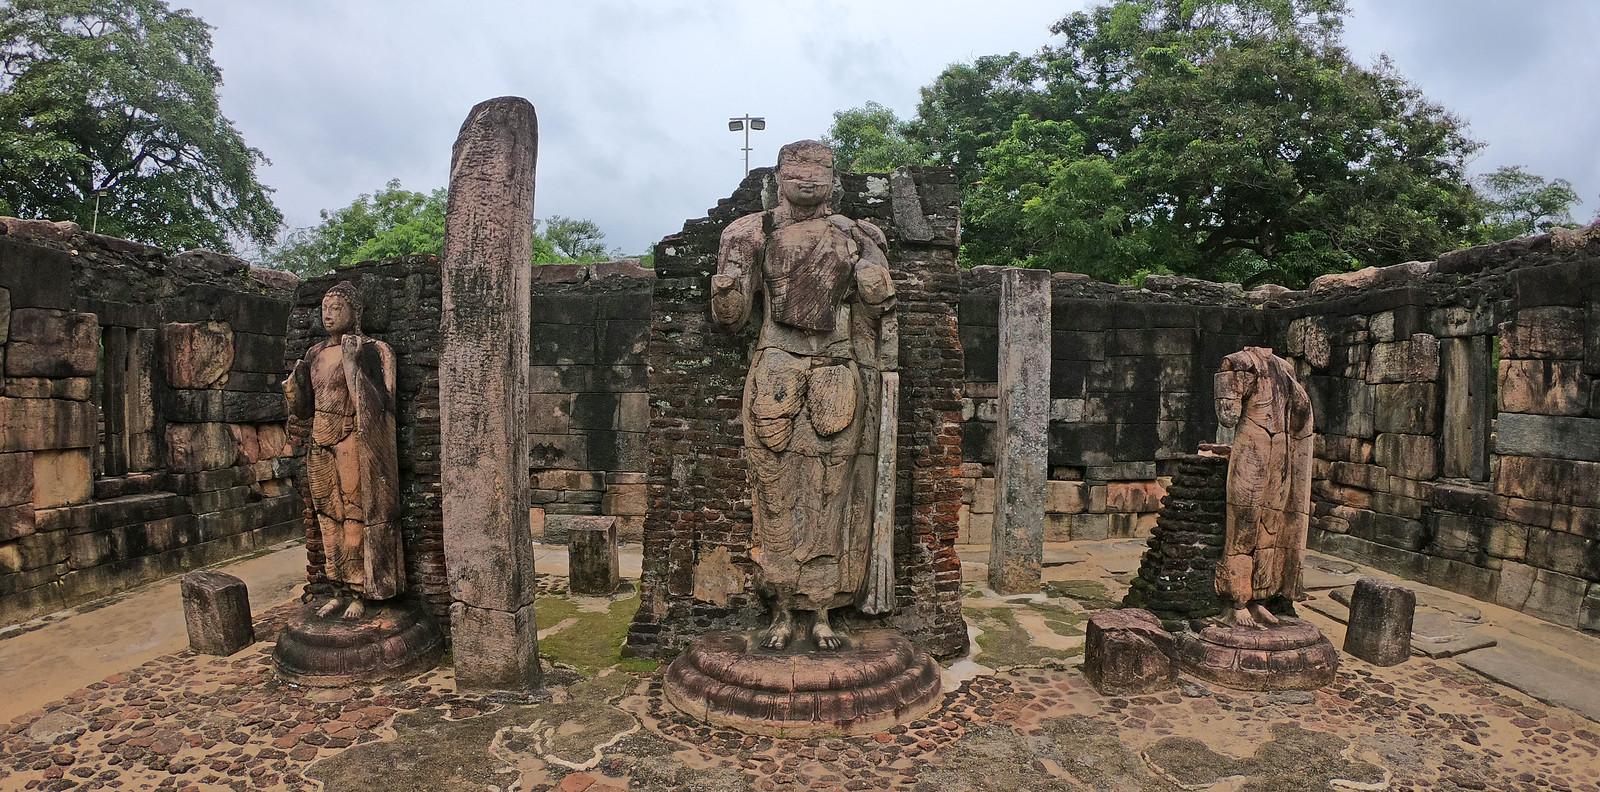 Visitar Polonnaruwa, la antigua capital de Sri Lanka visitar polonnaruwa - 39900918803 1d94460612 h - Visitar Polonnaruwa, la antigua capital de Sri Lanka